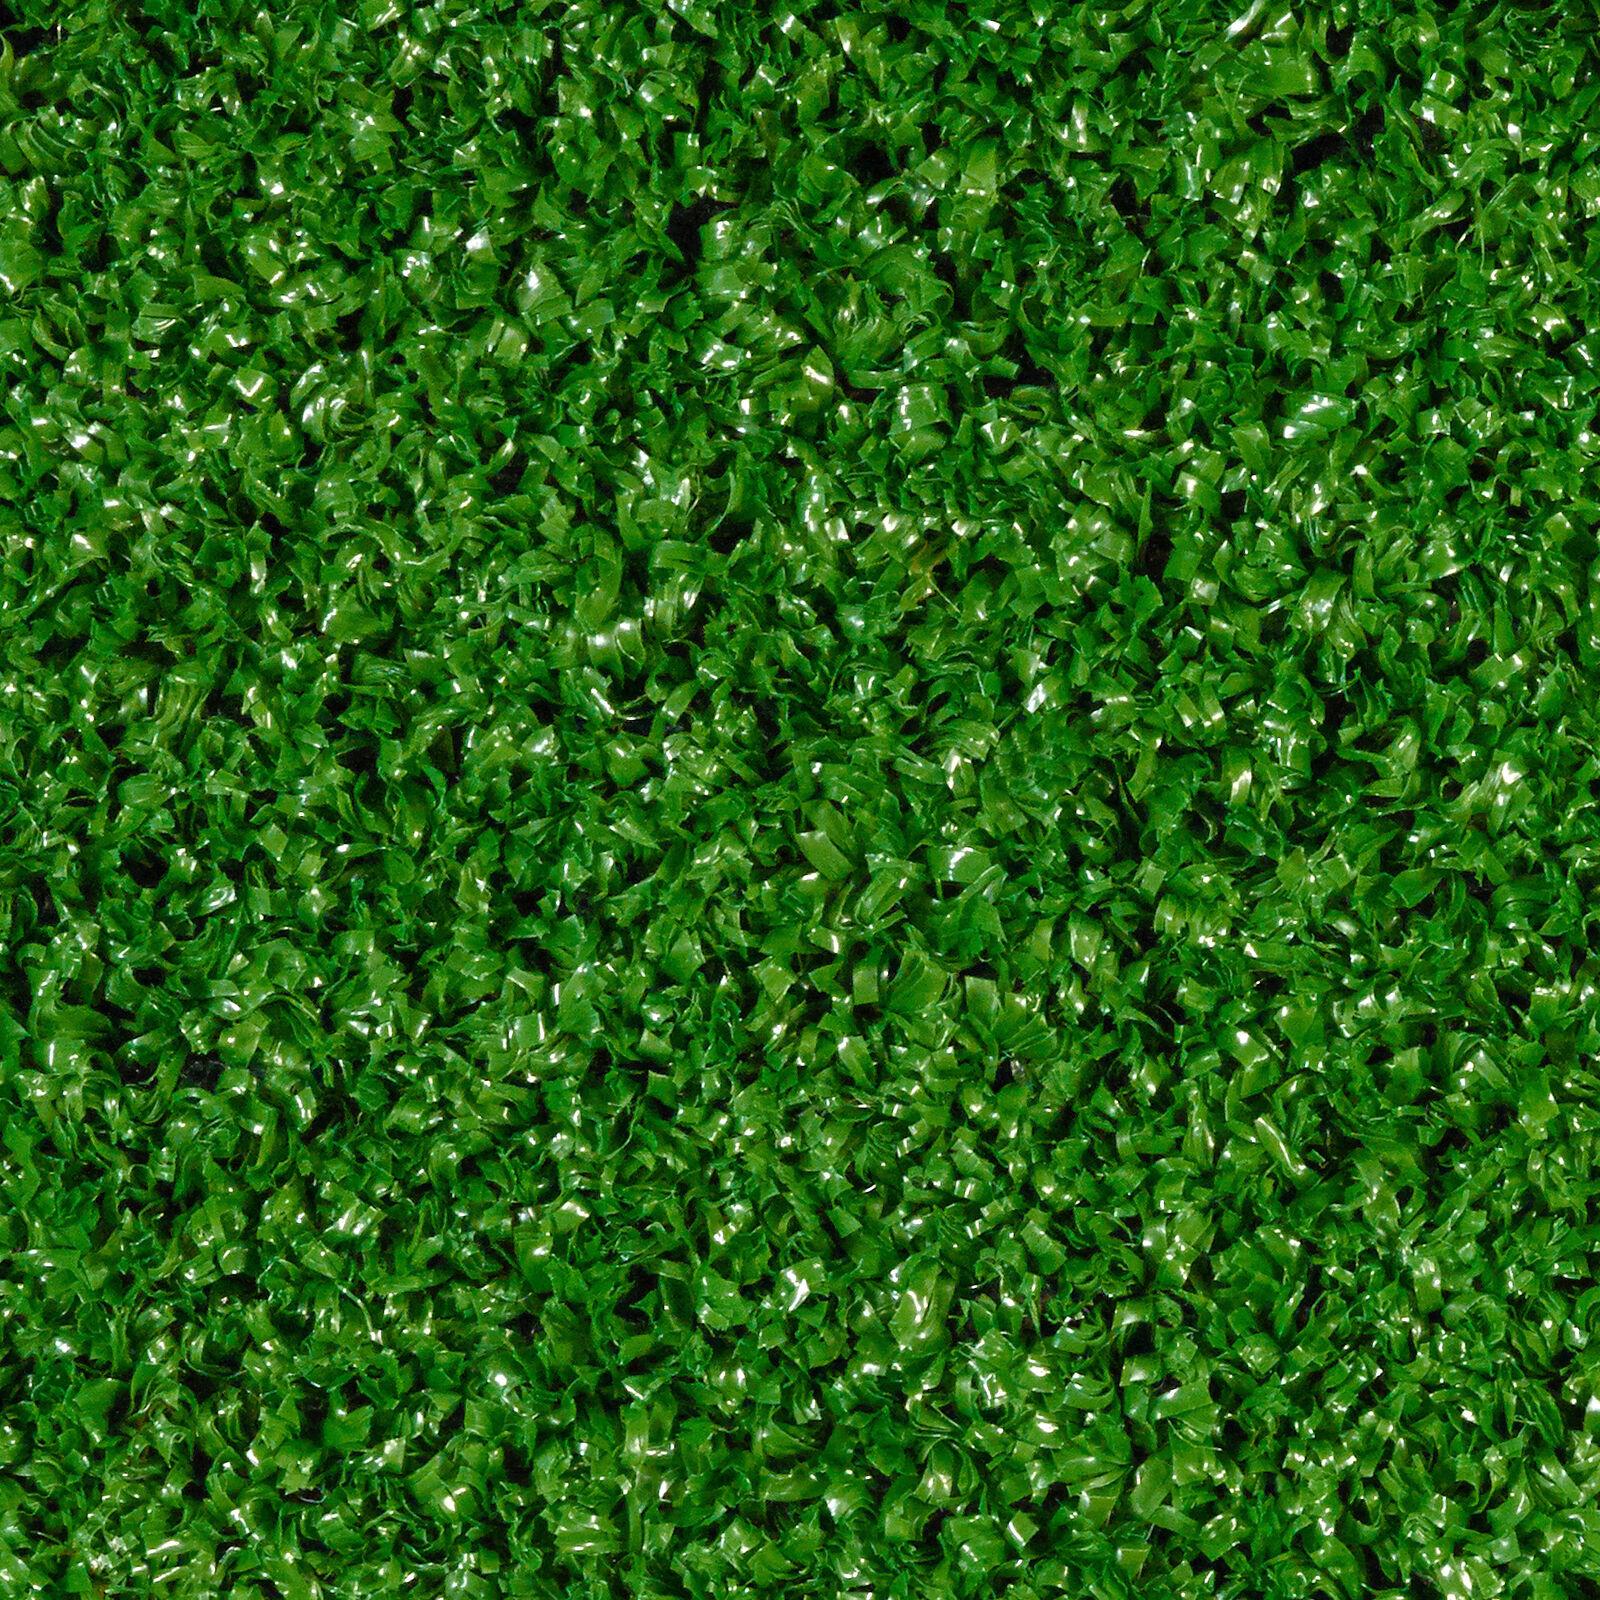 Kunstrasen Fertigrasen mit Drainage   Höhe ca. 7mm 7mm 7mm   2m 4m  grün    qm bcbf9c